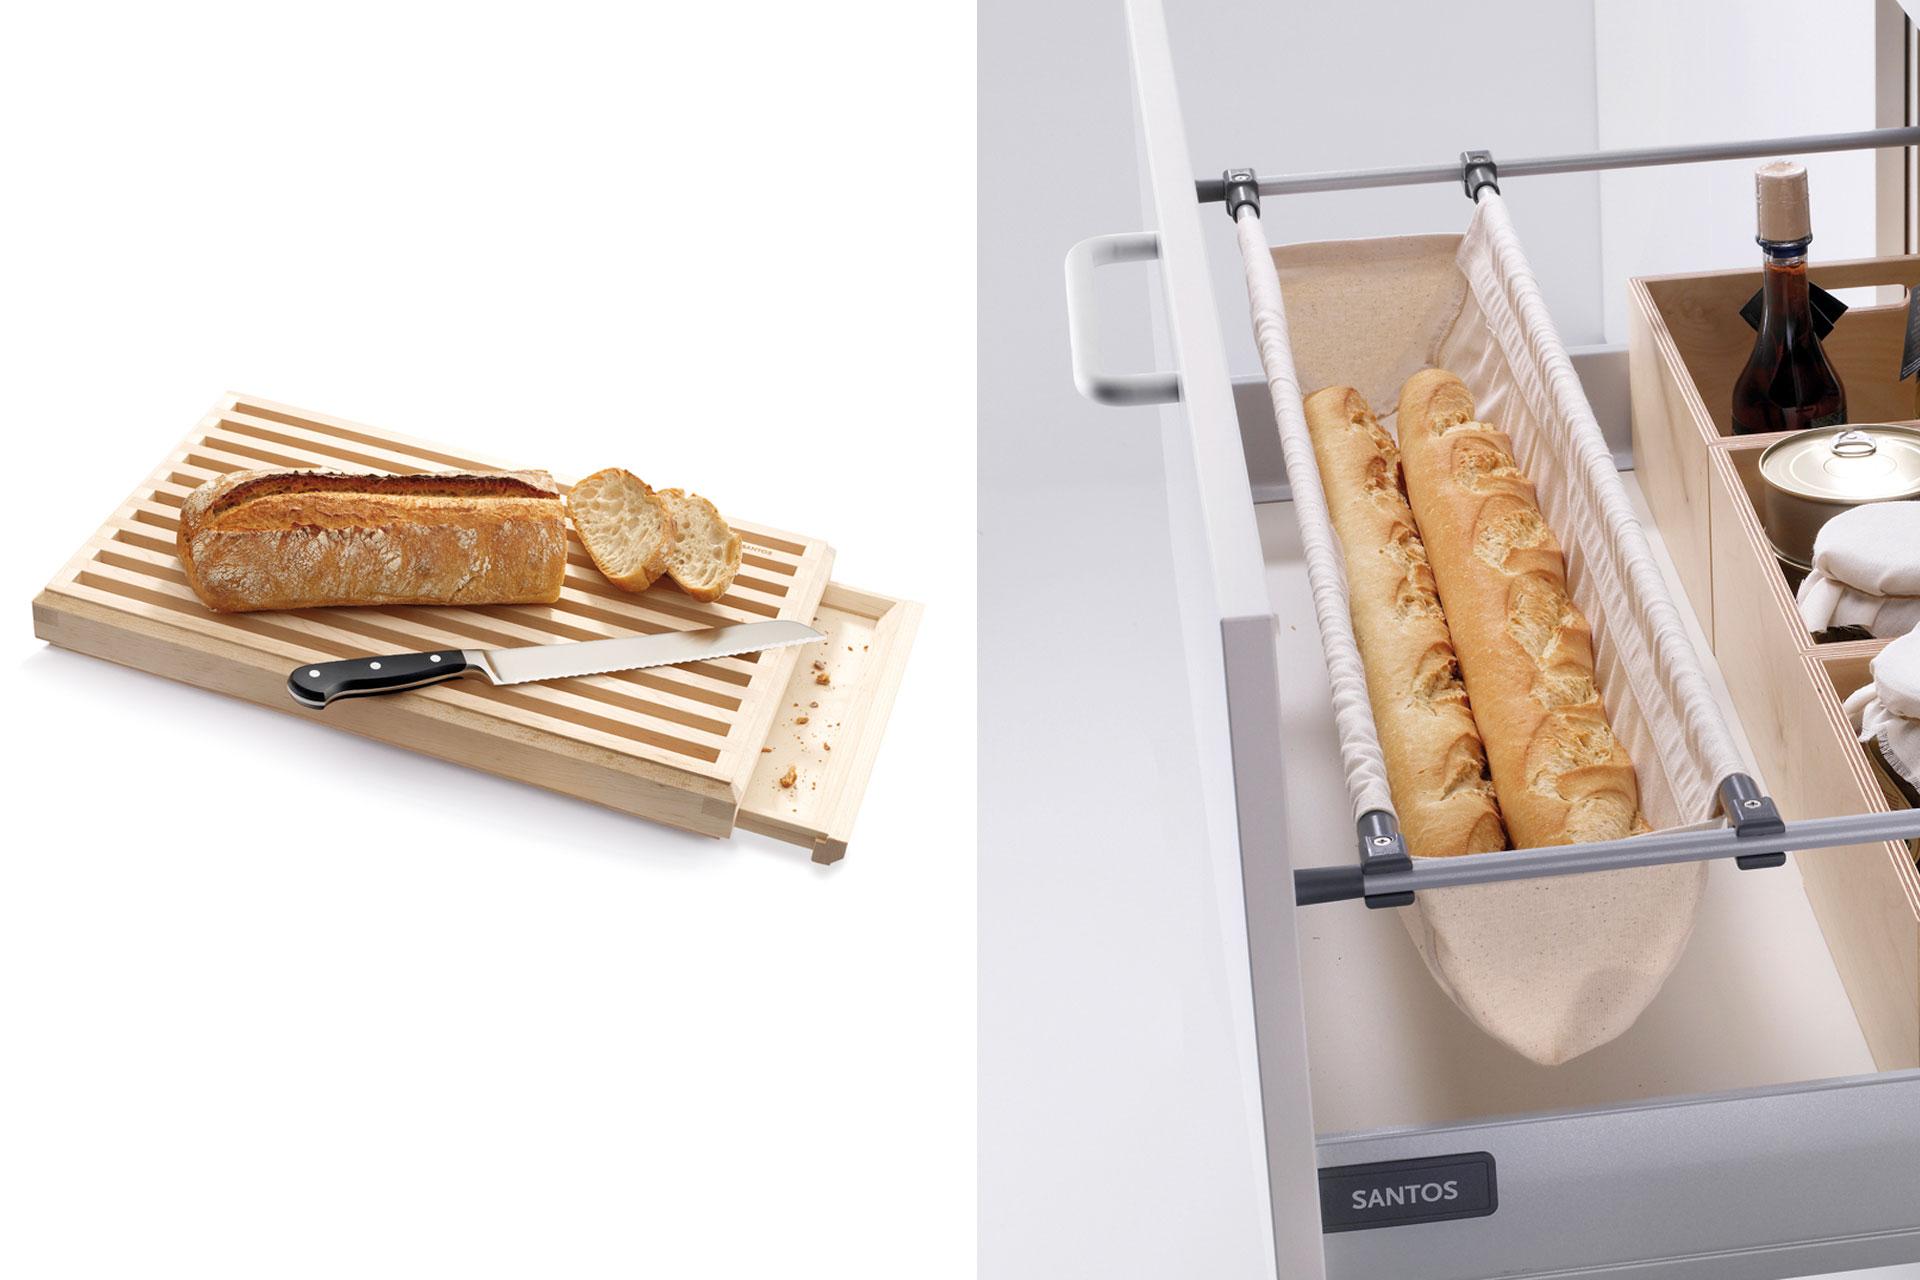 Accesorios de cocina Santos: orden y belleza | Panera y porta-baguette | Santiago Interiores